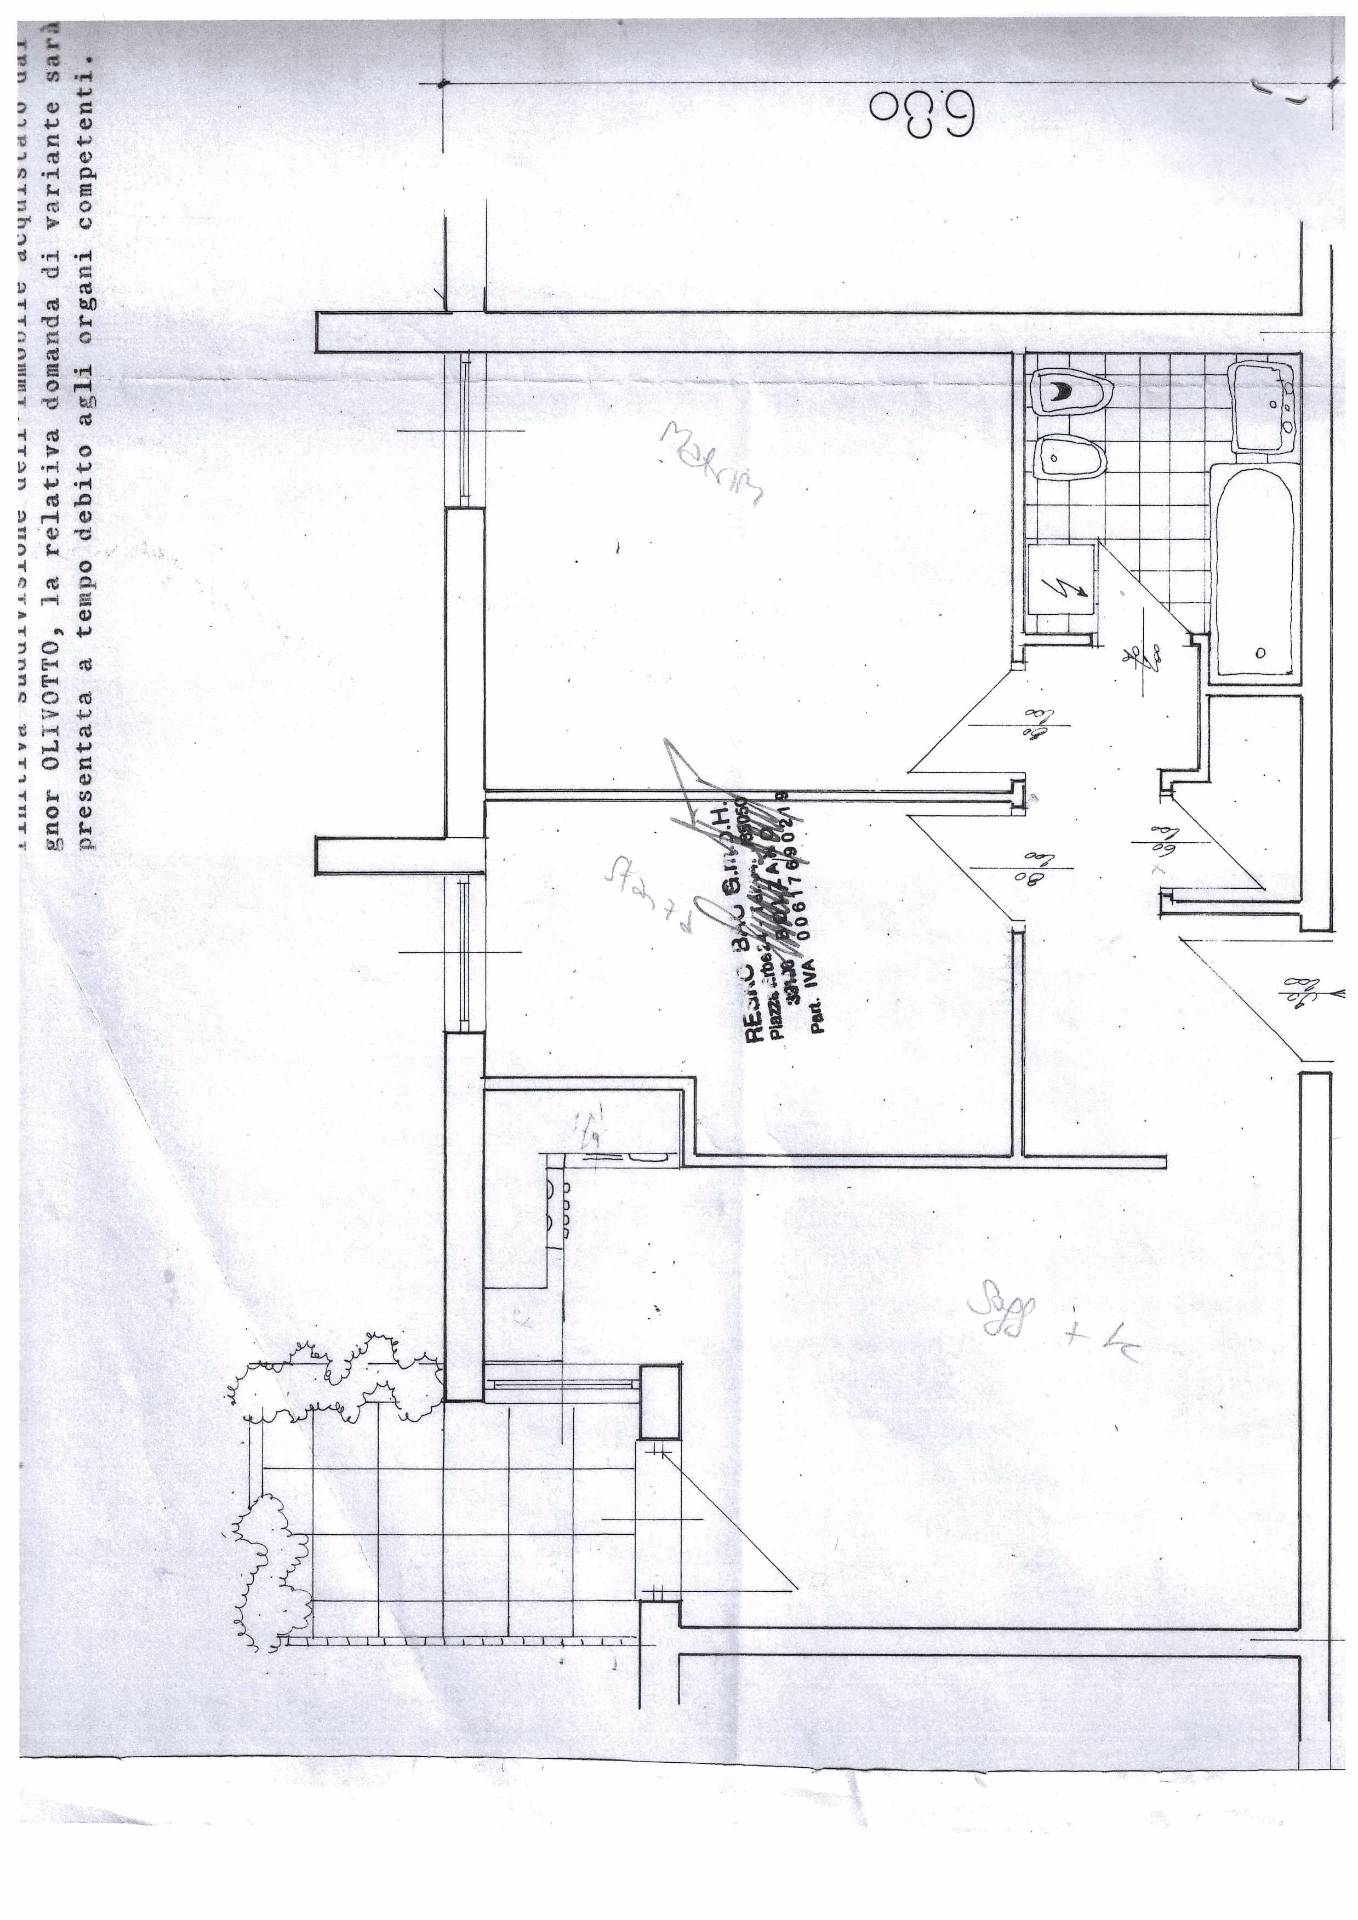 Appartamento in affitto a Bolzano, 3 locali, zona Zona: Residenziale, prezzo € 1.100 | CambioCasa.it